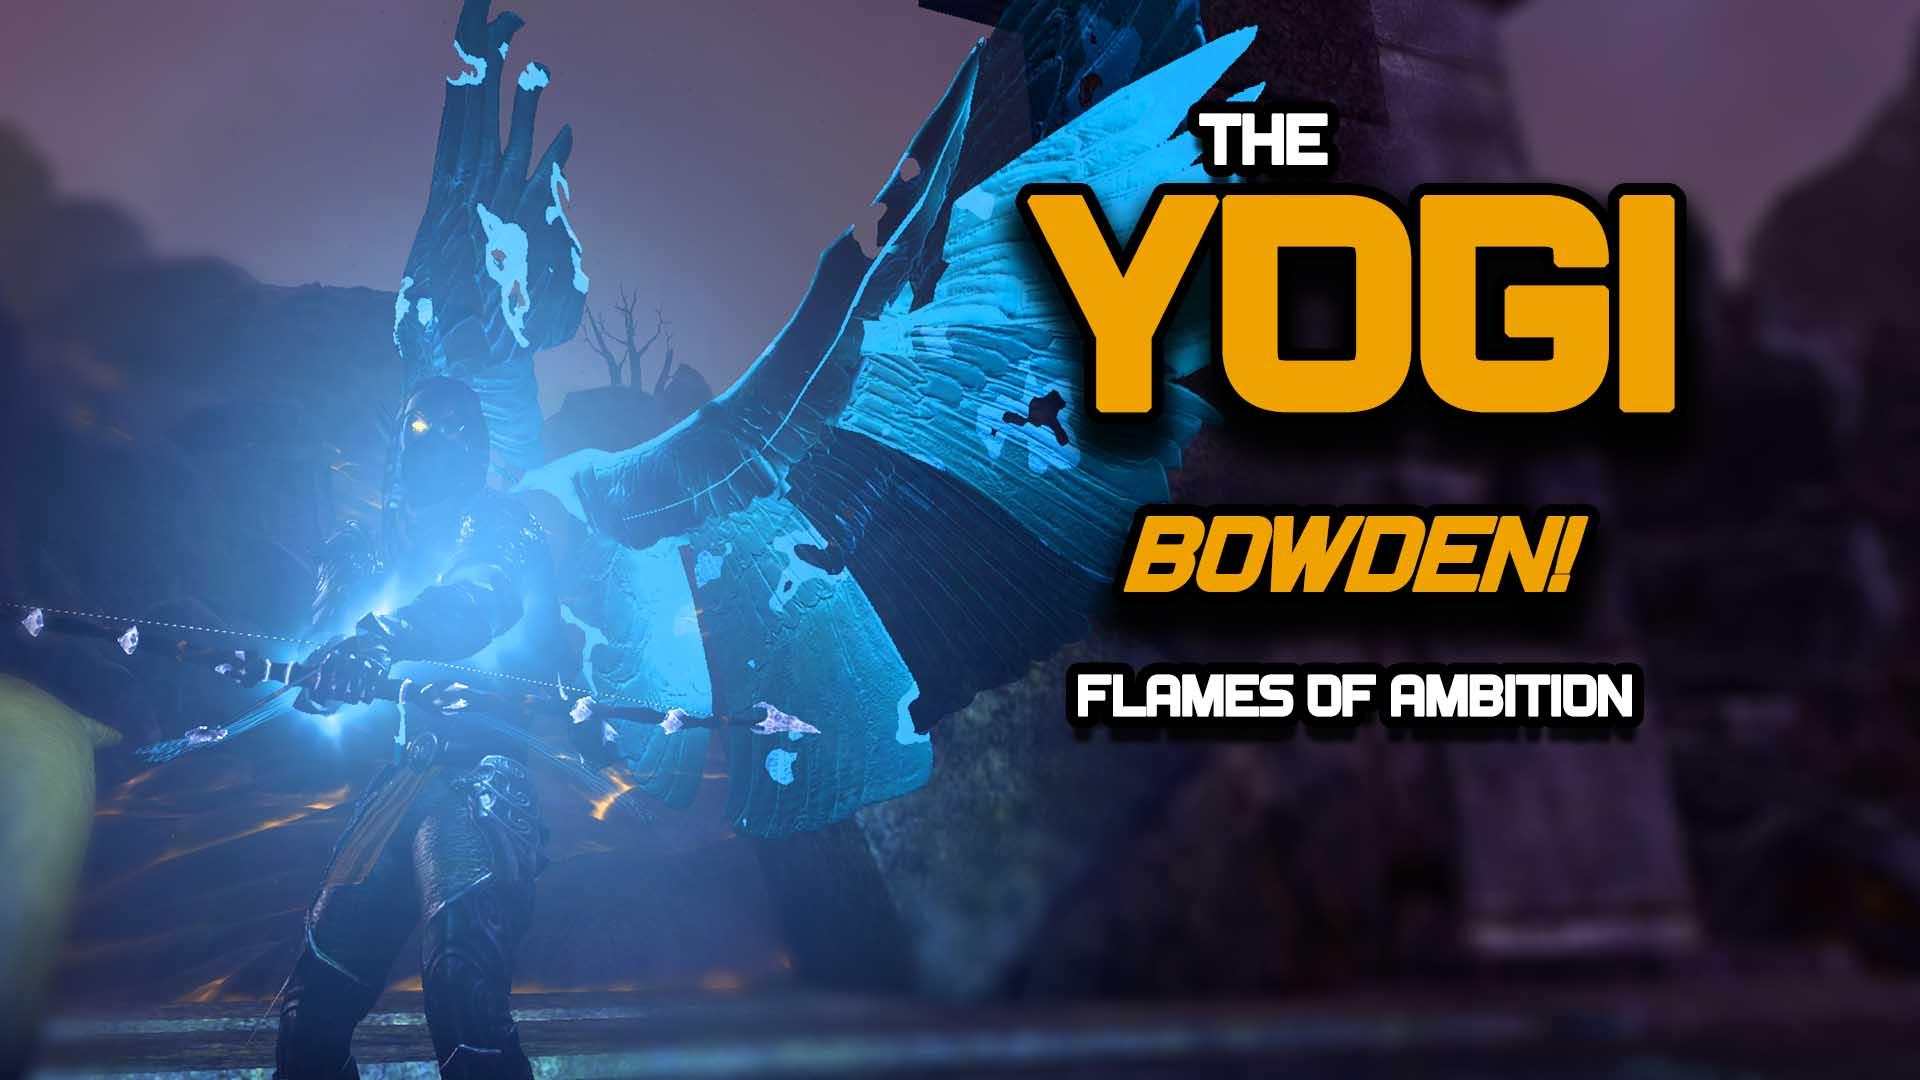 bow build, bow bow, warden, stamina warden, stamden, yogi, stam warden pve build, stamina warden pve build, eso wardn build, eso best warden build, eso bow build, eso bow bow build,